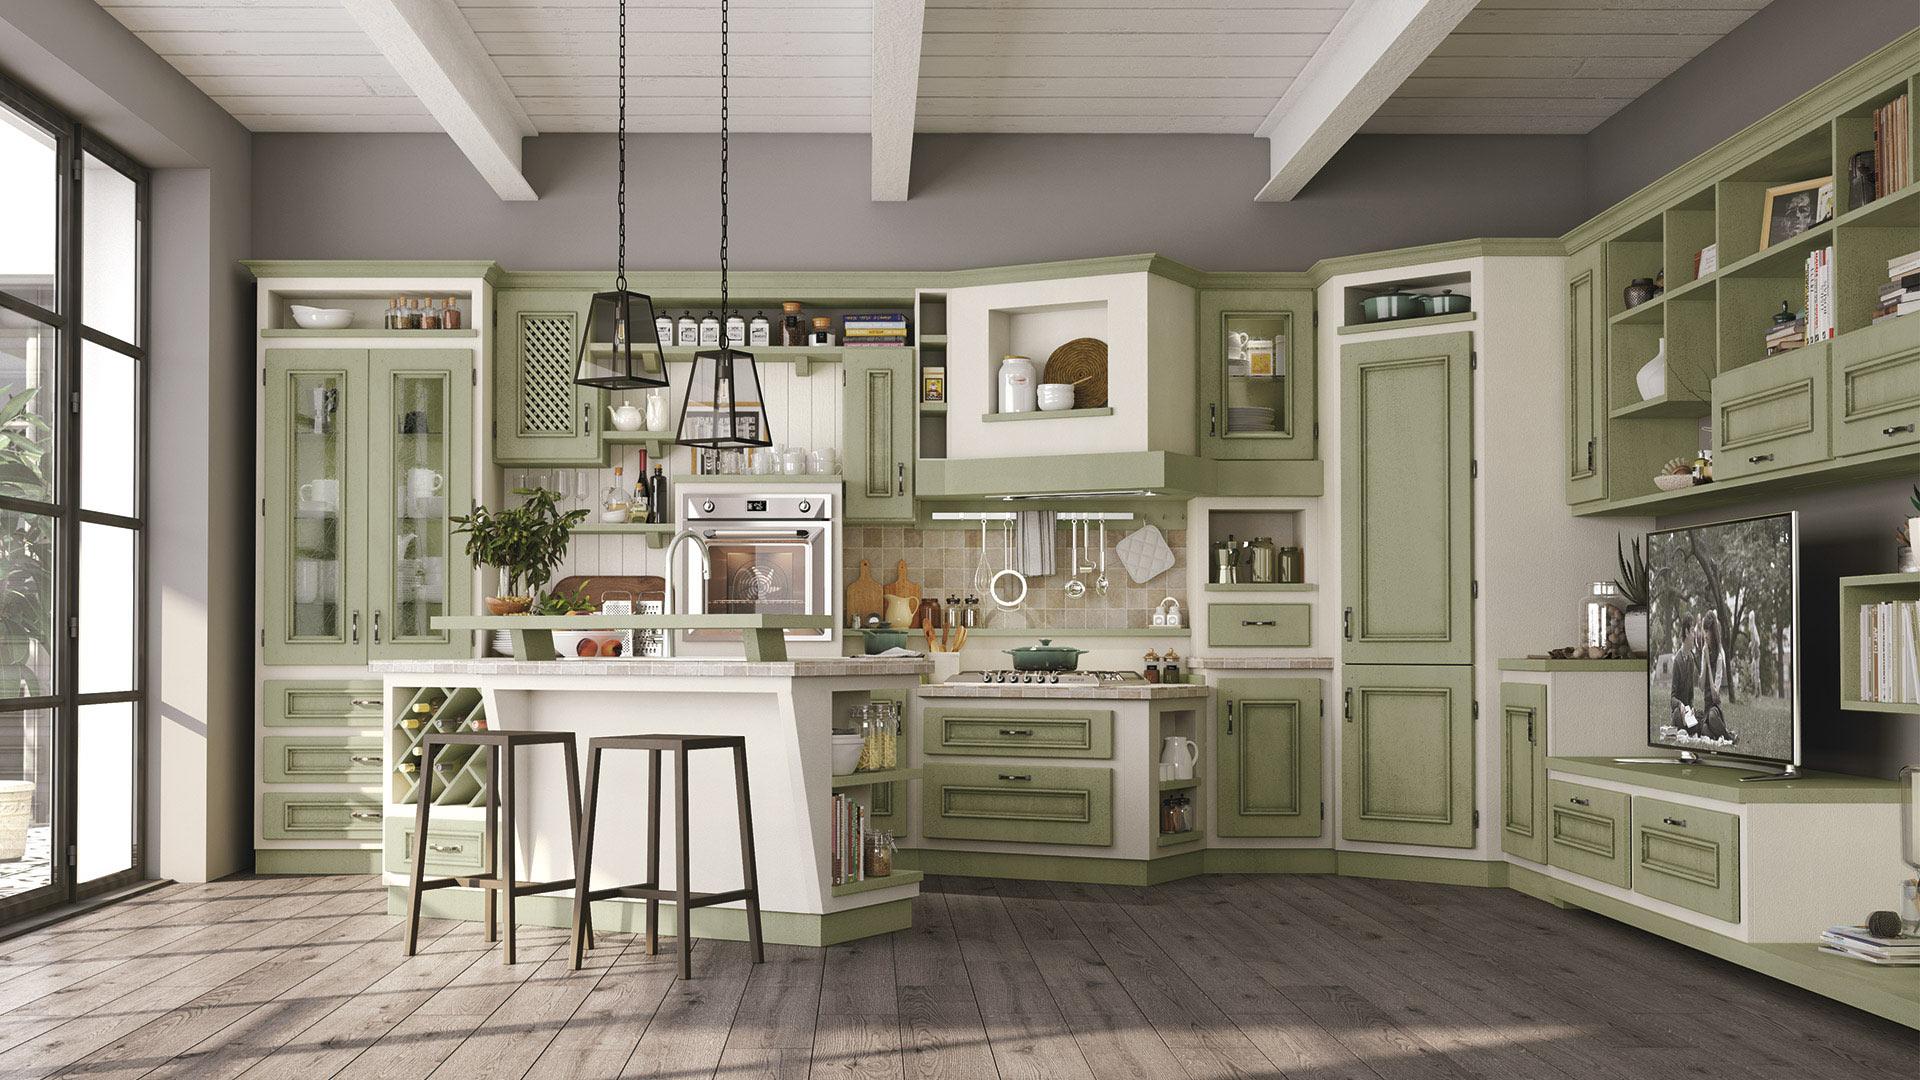 Beatrice - Cucine Borgo Antico - Cucine LUBE